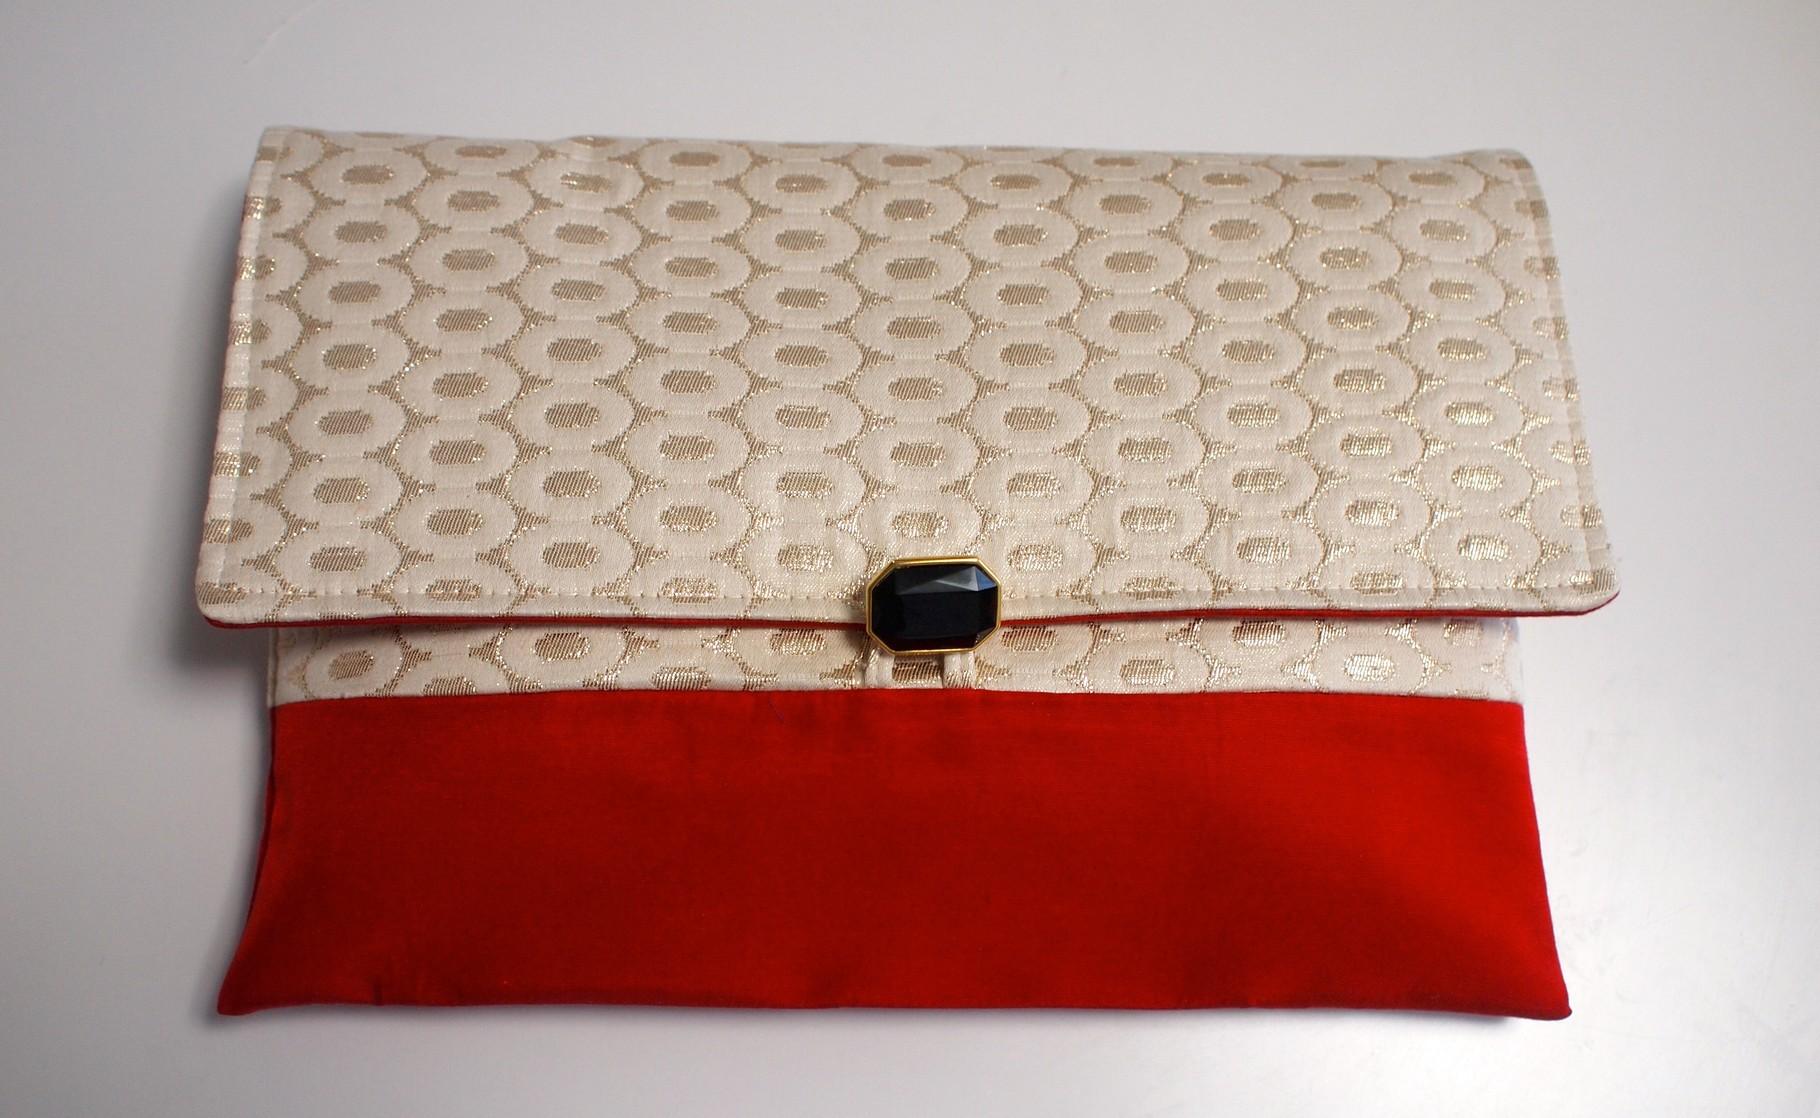 nd-980/01 リングジャガードクラッチバッグ 赤 ¥14,040 (13,000)